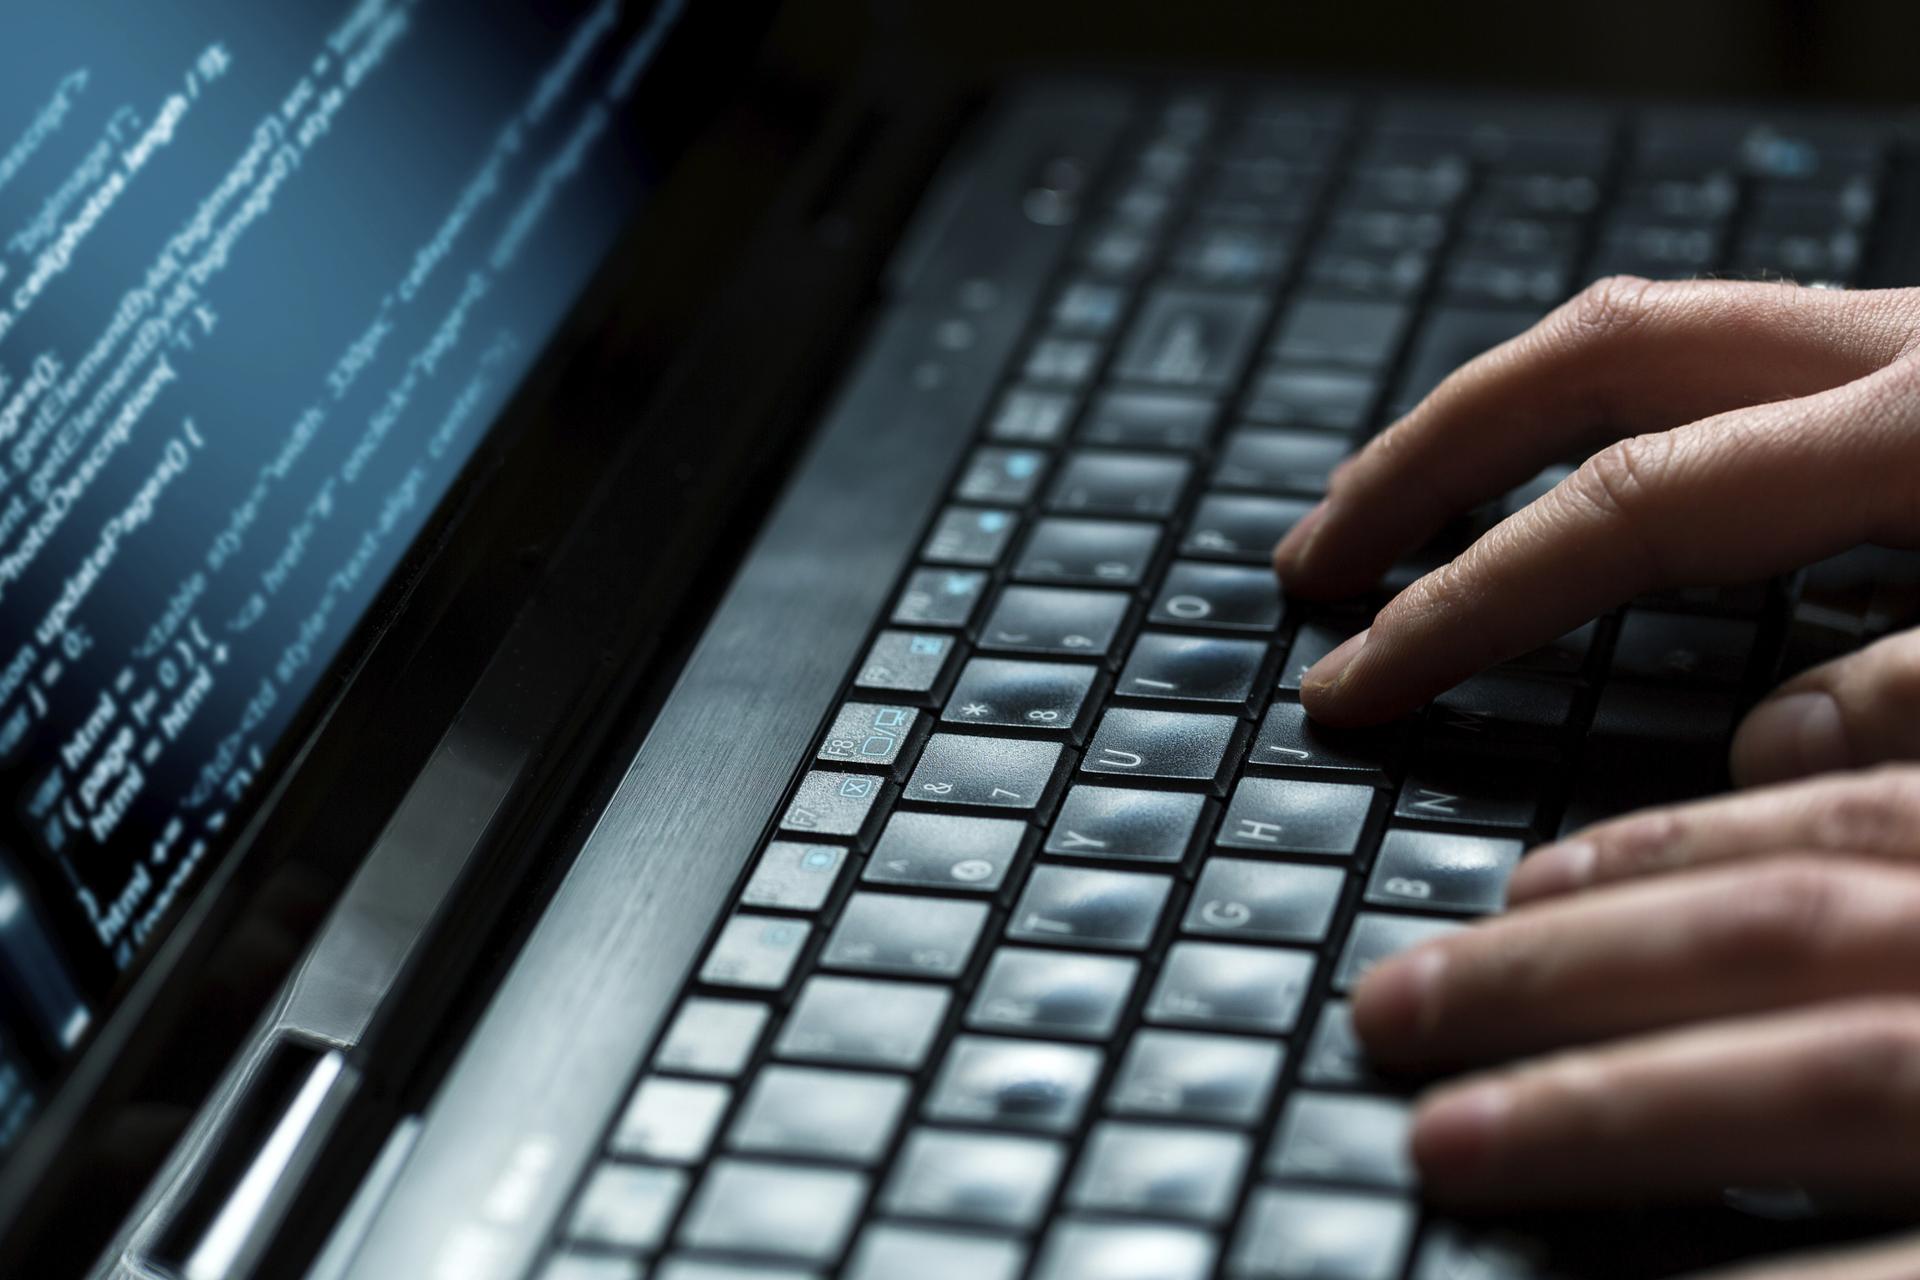 Ивановец совершил компьютерную атаку насайт руководства Курской области